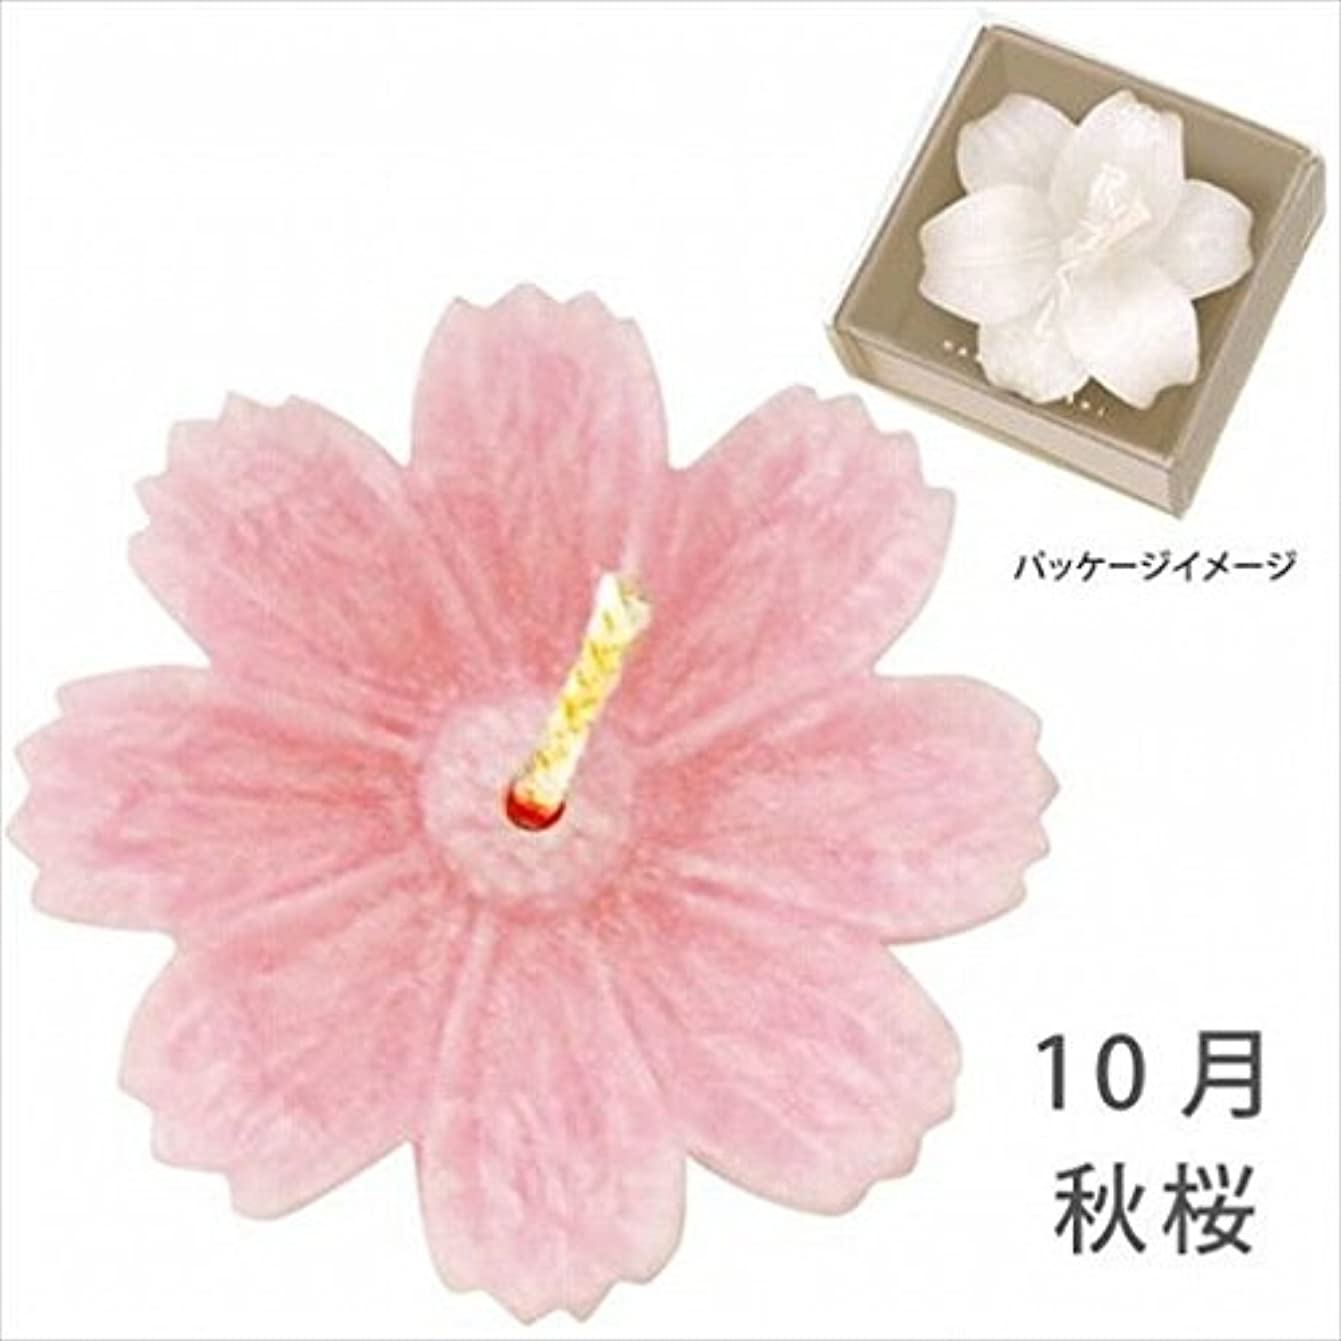 こどもセンターセーブポスターkameyama candle(カメヤマキャンドル) 花づくし(植物性) 秋桜 「 秋桜(10月) 」 キャンドル(A4620515)